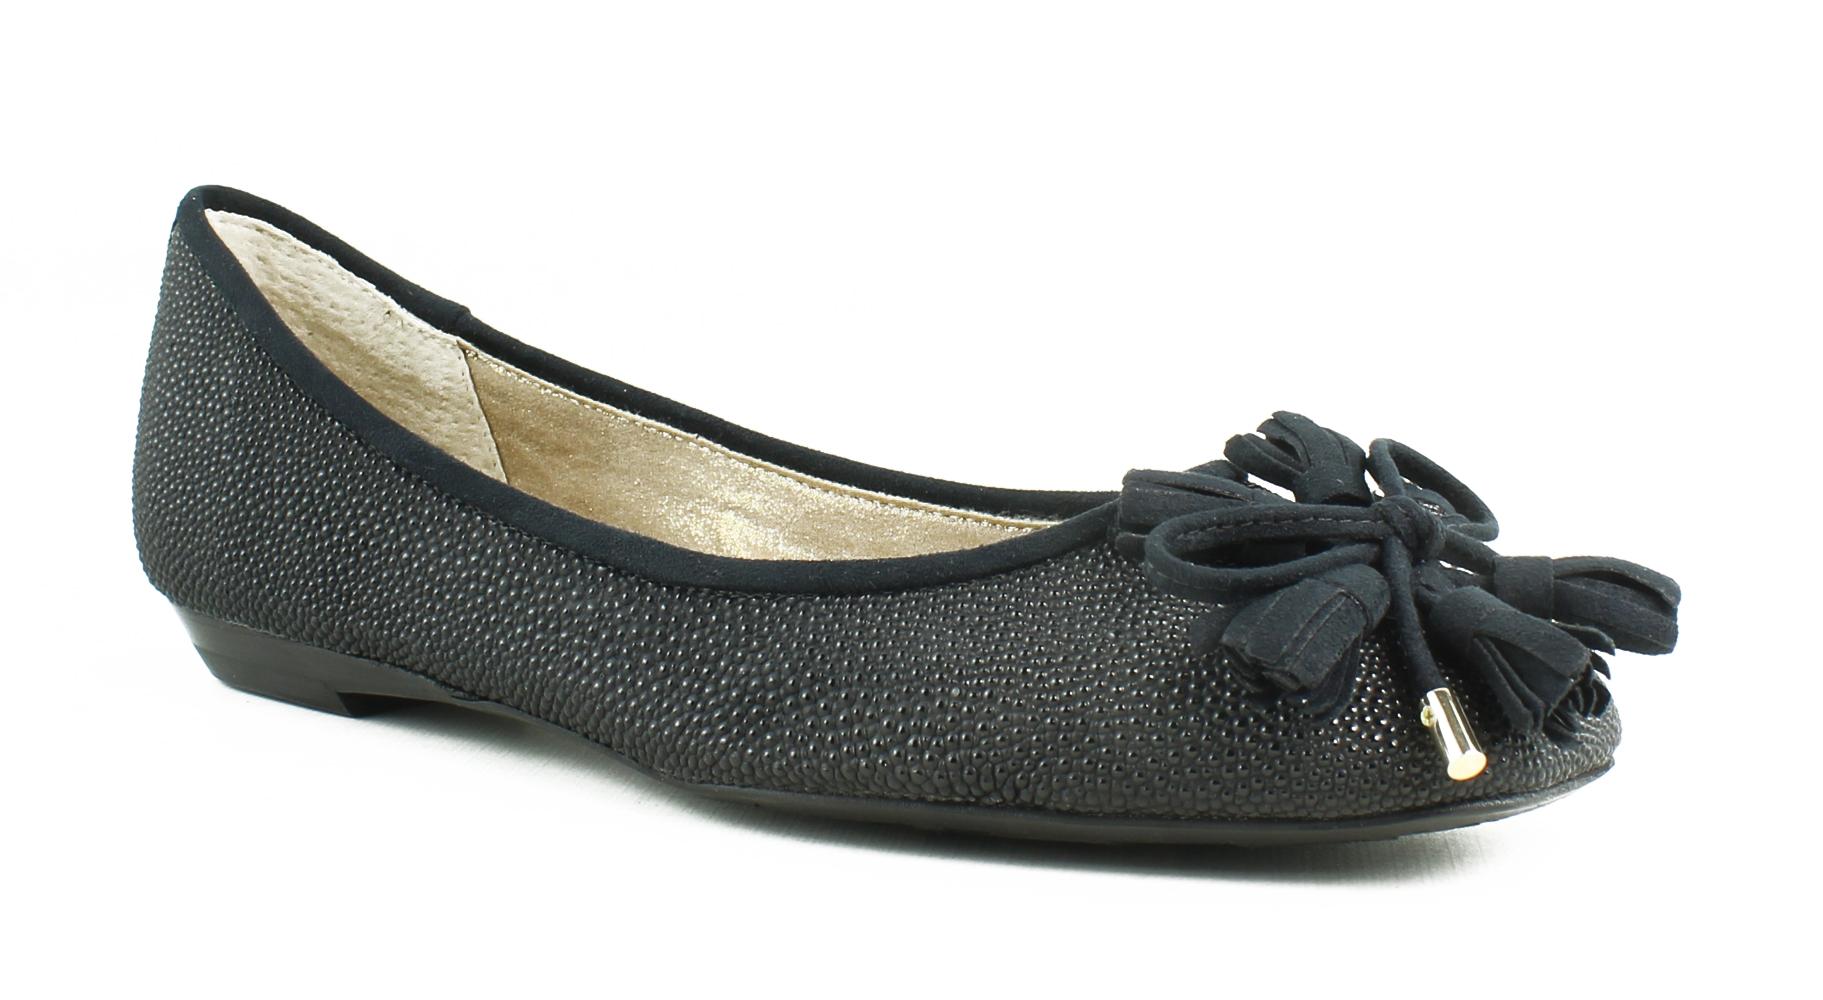 New J. Renee Womens Eaden CapeCod Ballet Flats Size 5.5 by J. Renee